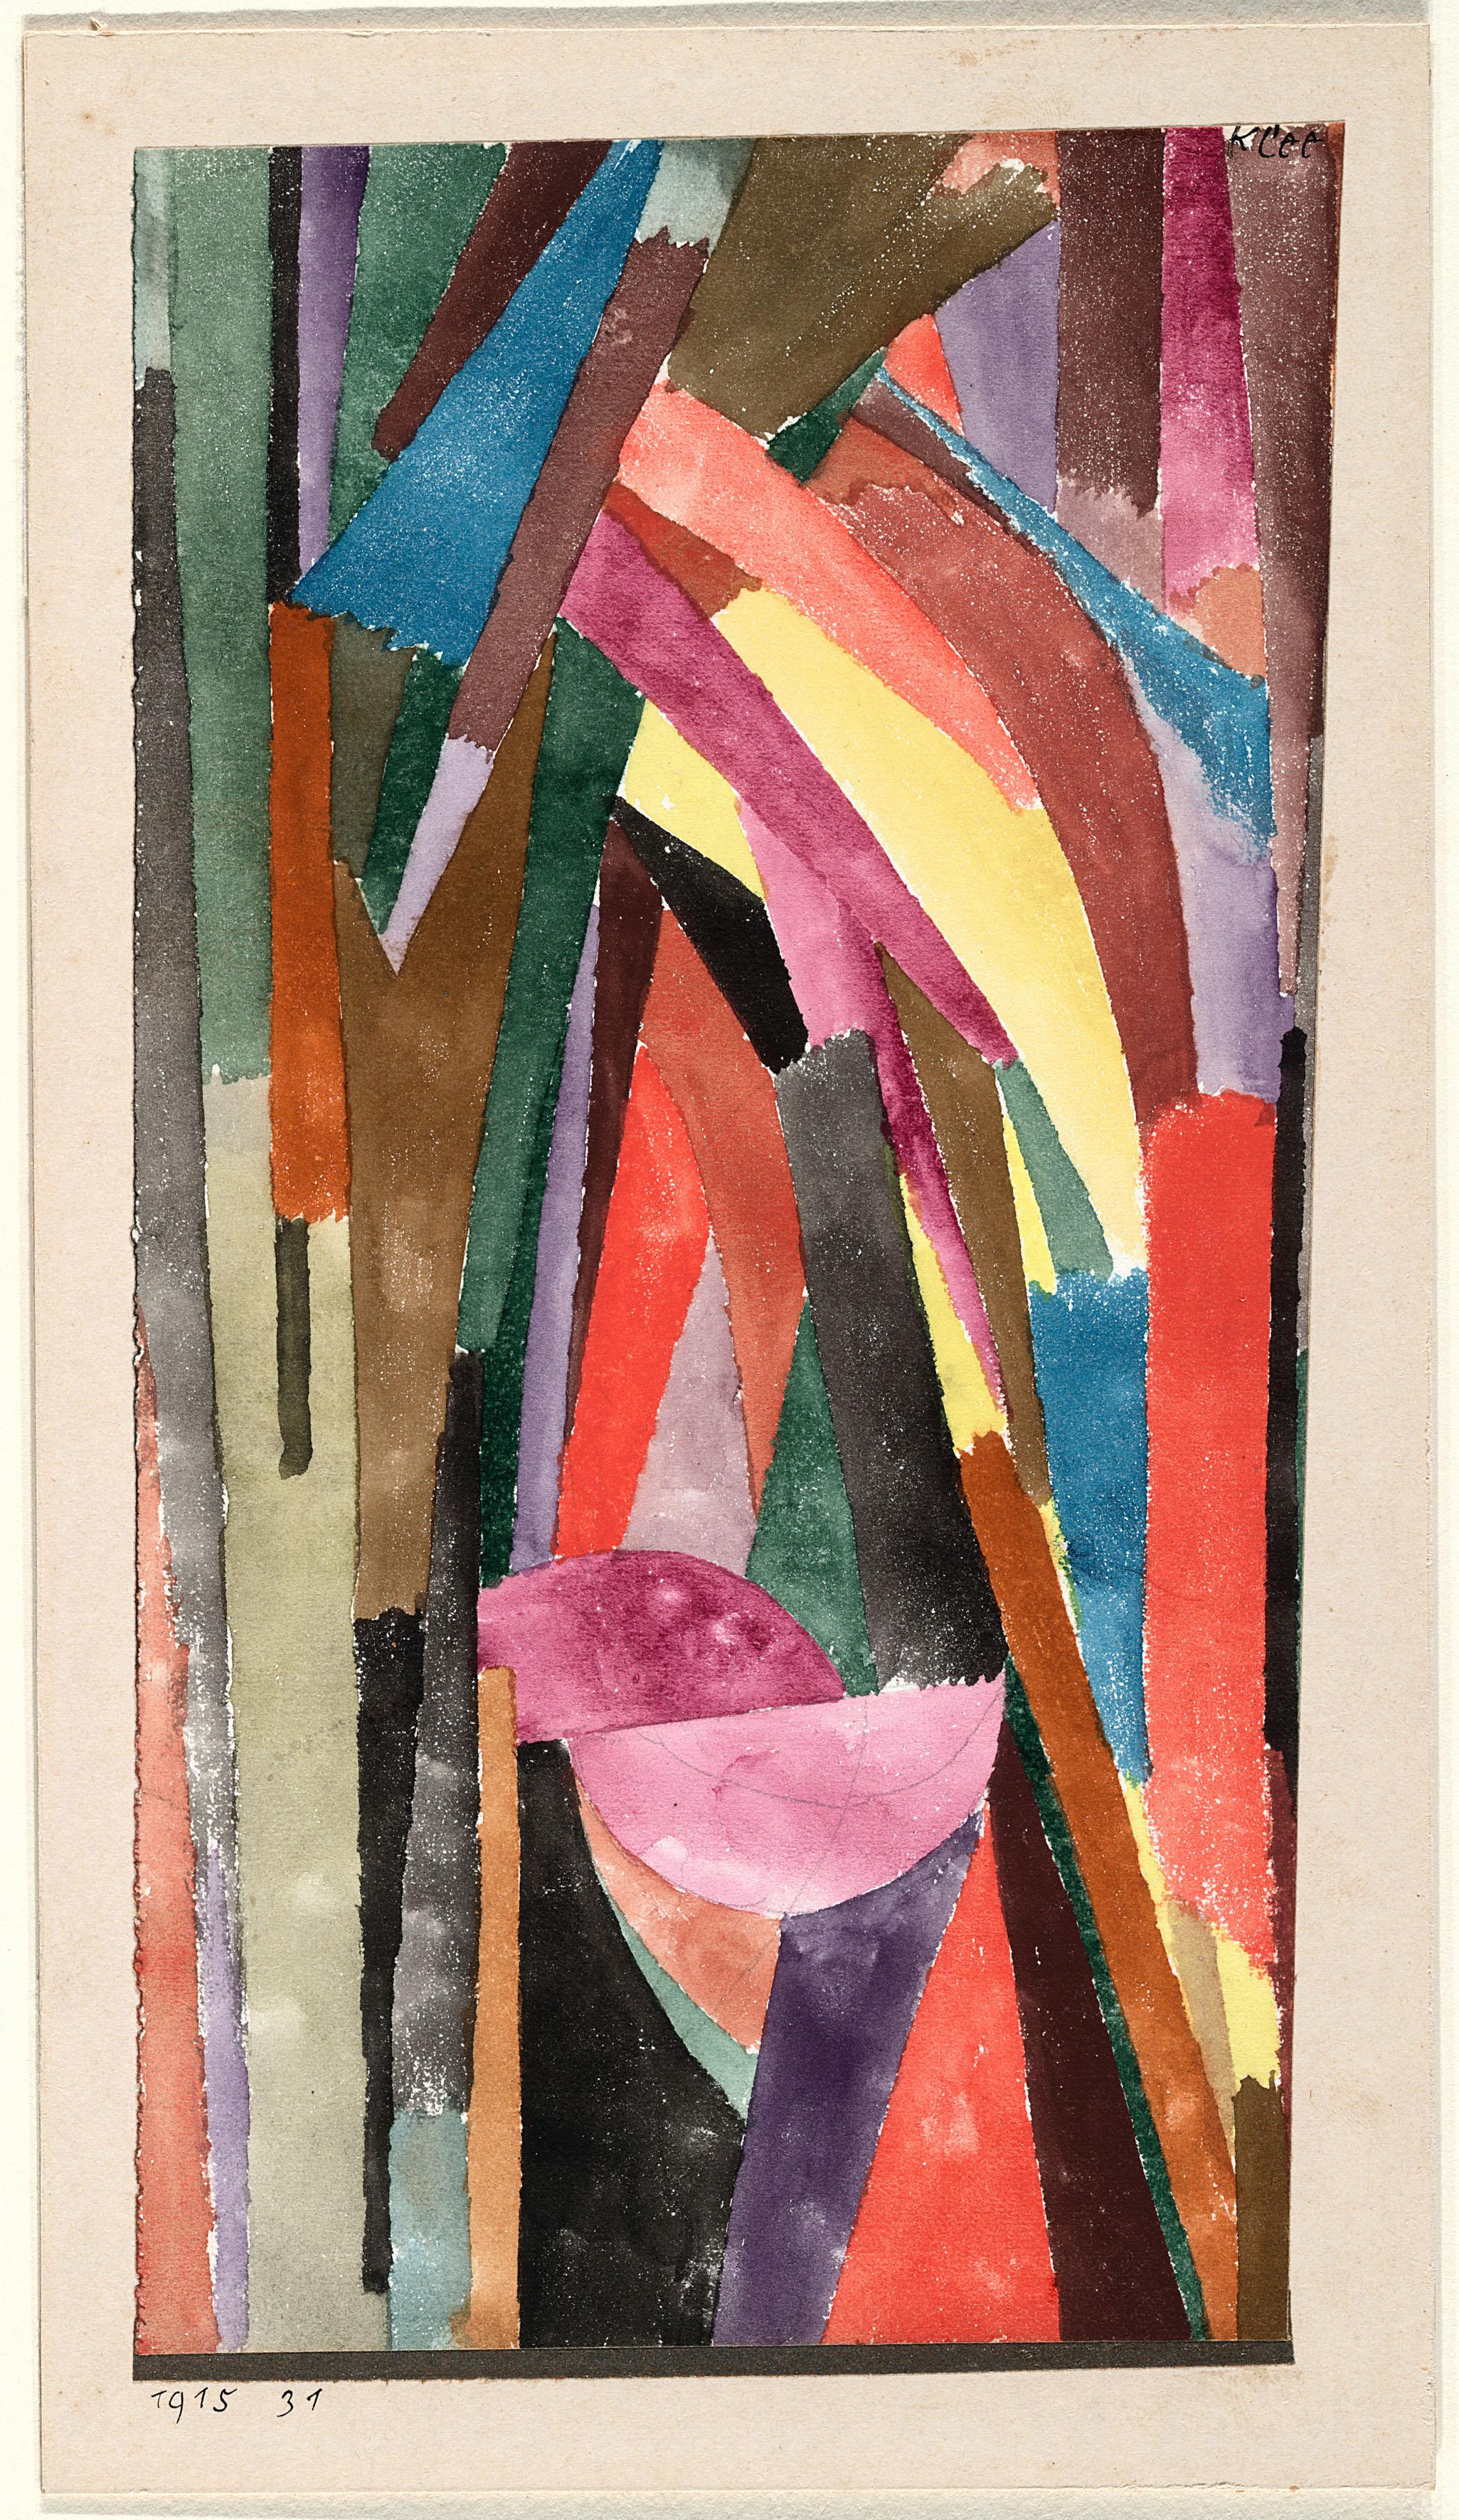 PAUL KLEE (Lustig) [Lachende Gothik] [(Drôle) [Gothique joyeux]], 1915